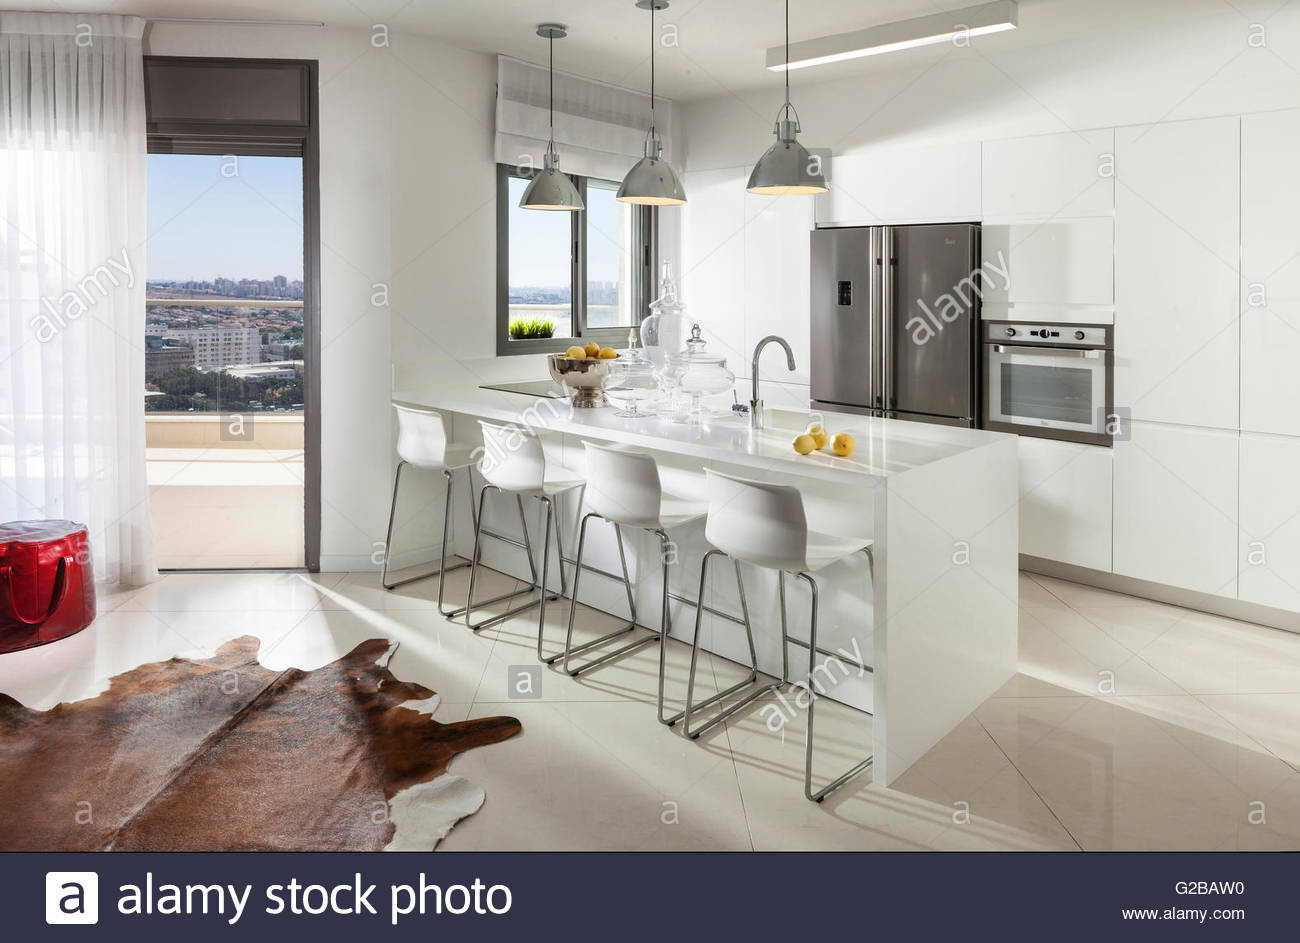 Wohnung Für Reuveni Home Styling U0026 Design. Blick Auf Eine Moderne Weiße  Küche Mit Geräten Aus Rostfreiem Stahl. Kücheninsel Mit Hockern.